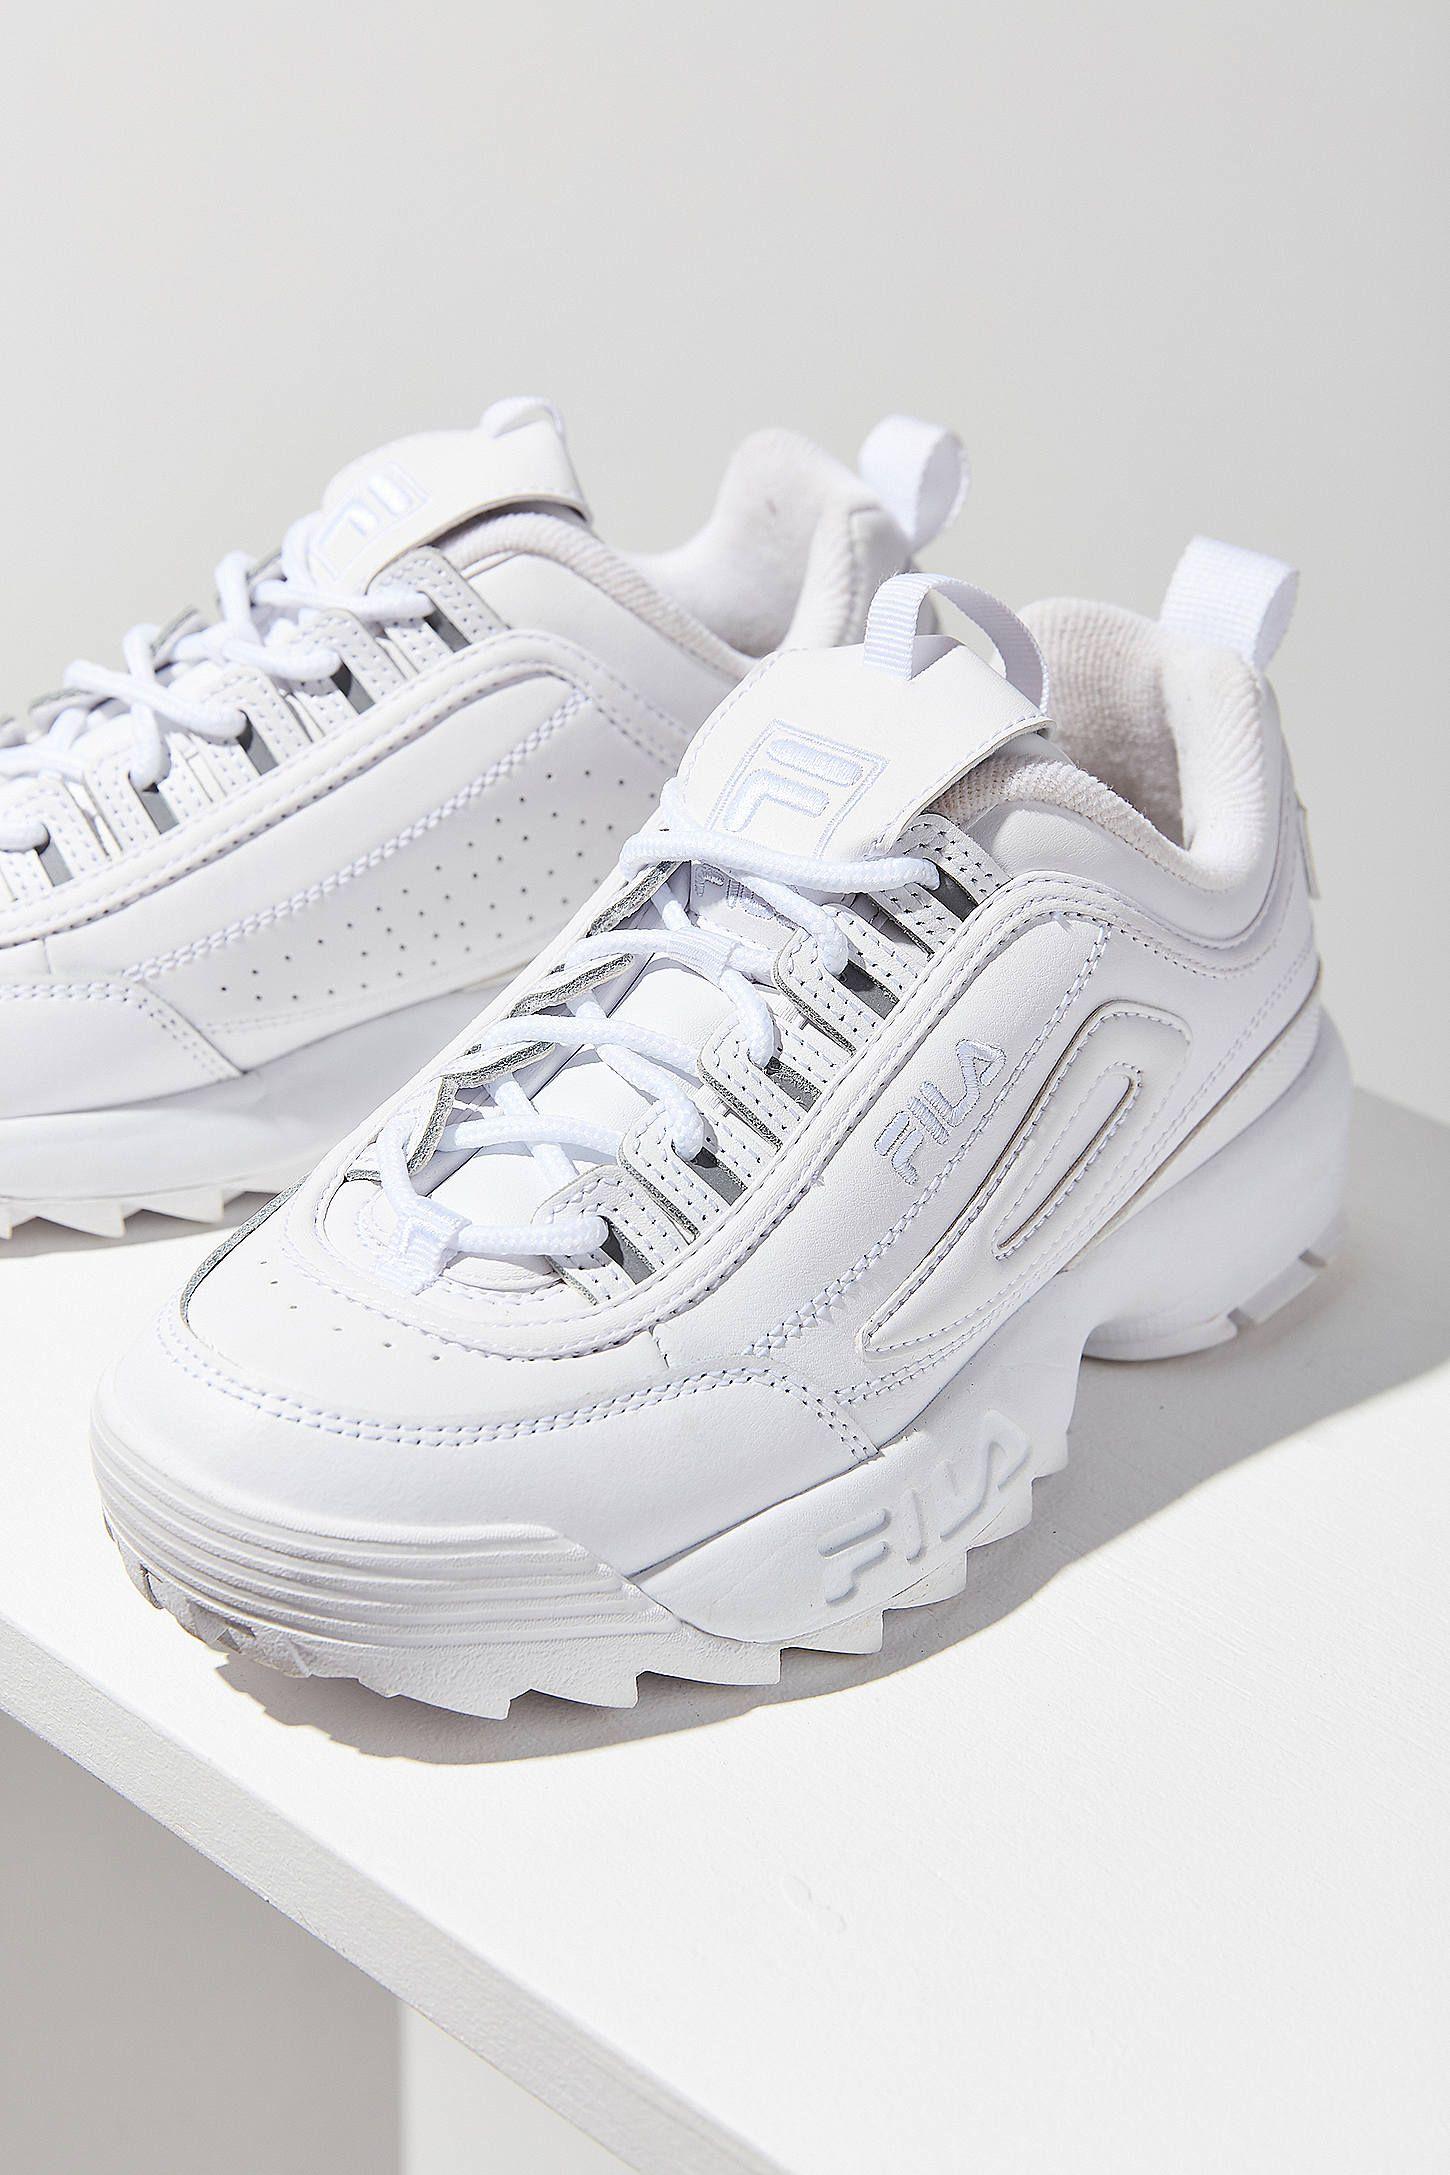 ed4e784565c3 FILA Disruptor 2 Premium Mono Sneaker   Urban Outfitters   FASHION ...